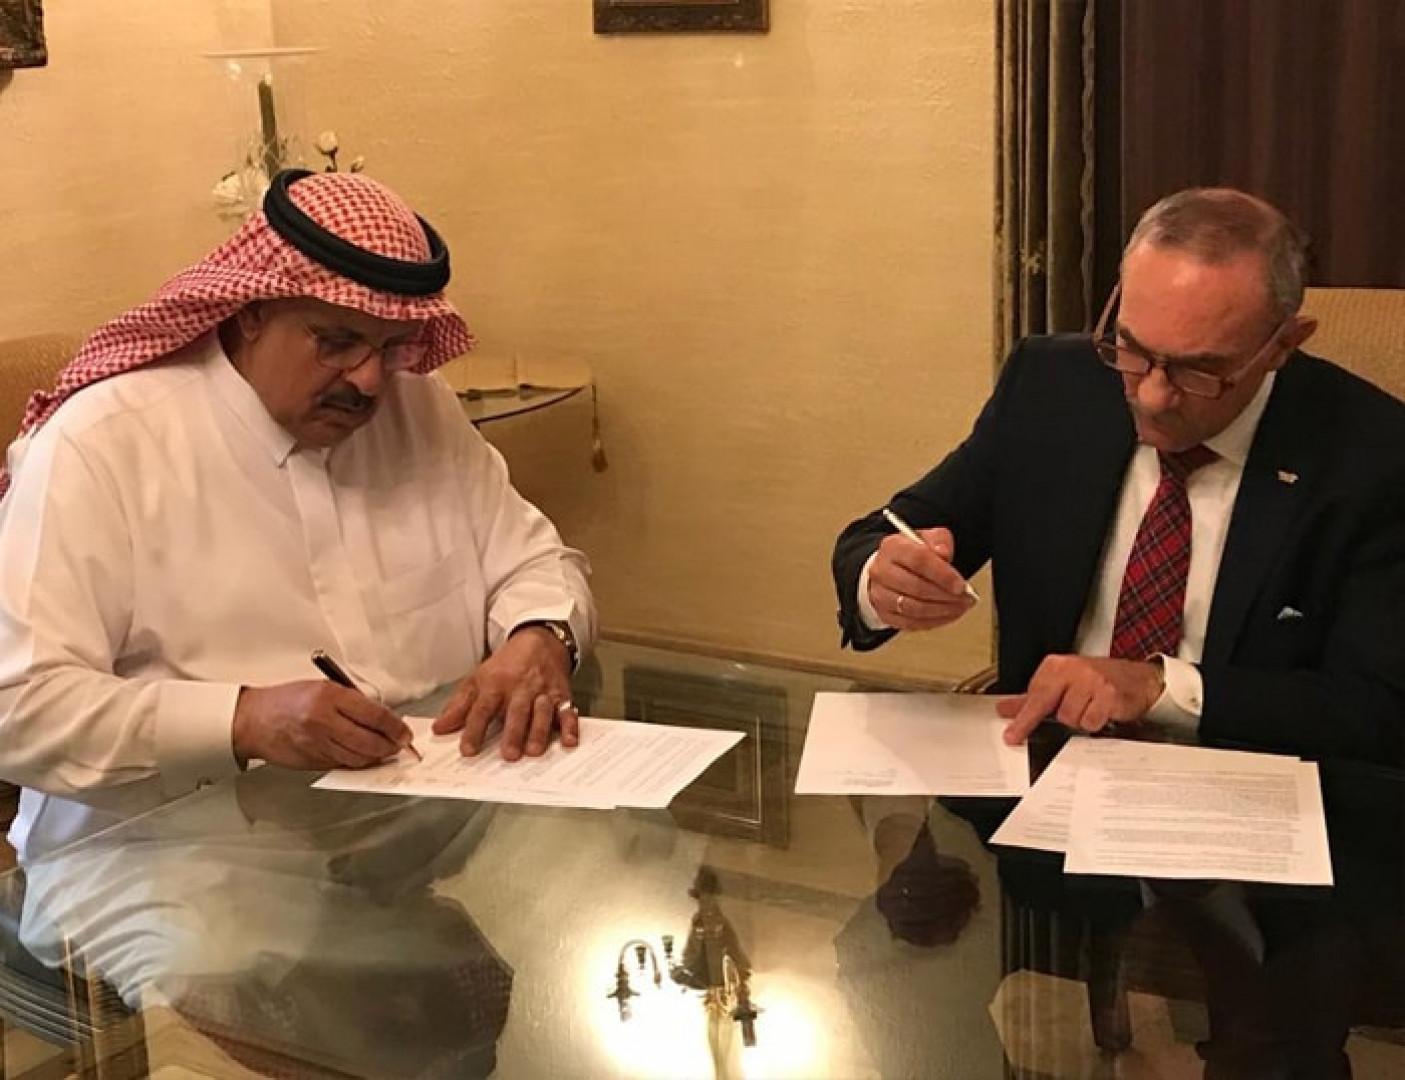 Prezes Jan Szynaka podpisał umowę o rozszerzenie współpracy z rynkiem arabskim. Fot. Szynaka Meble